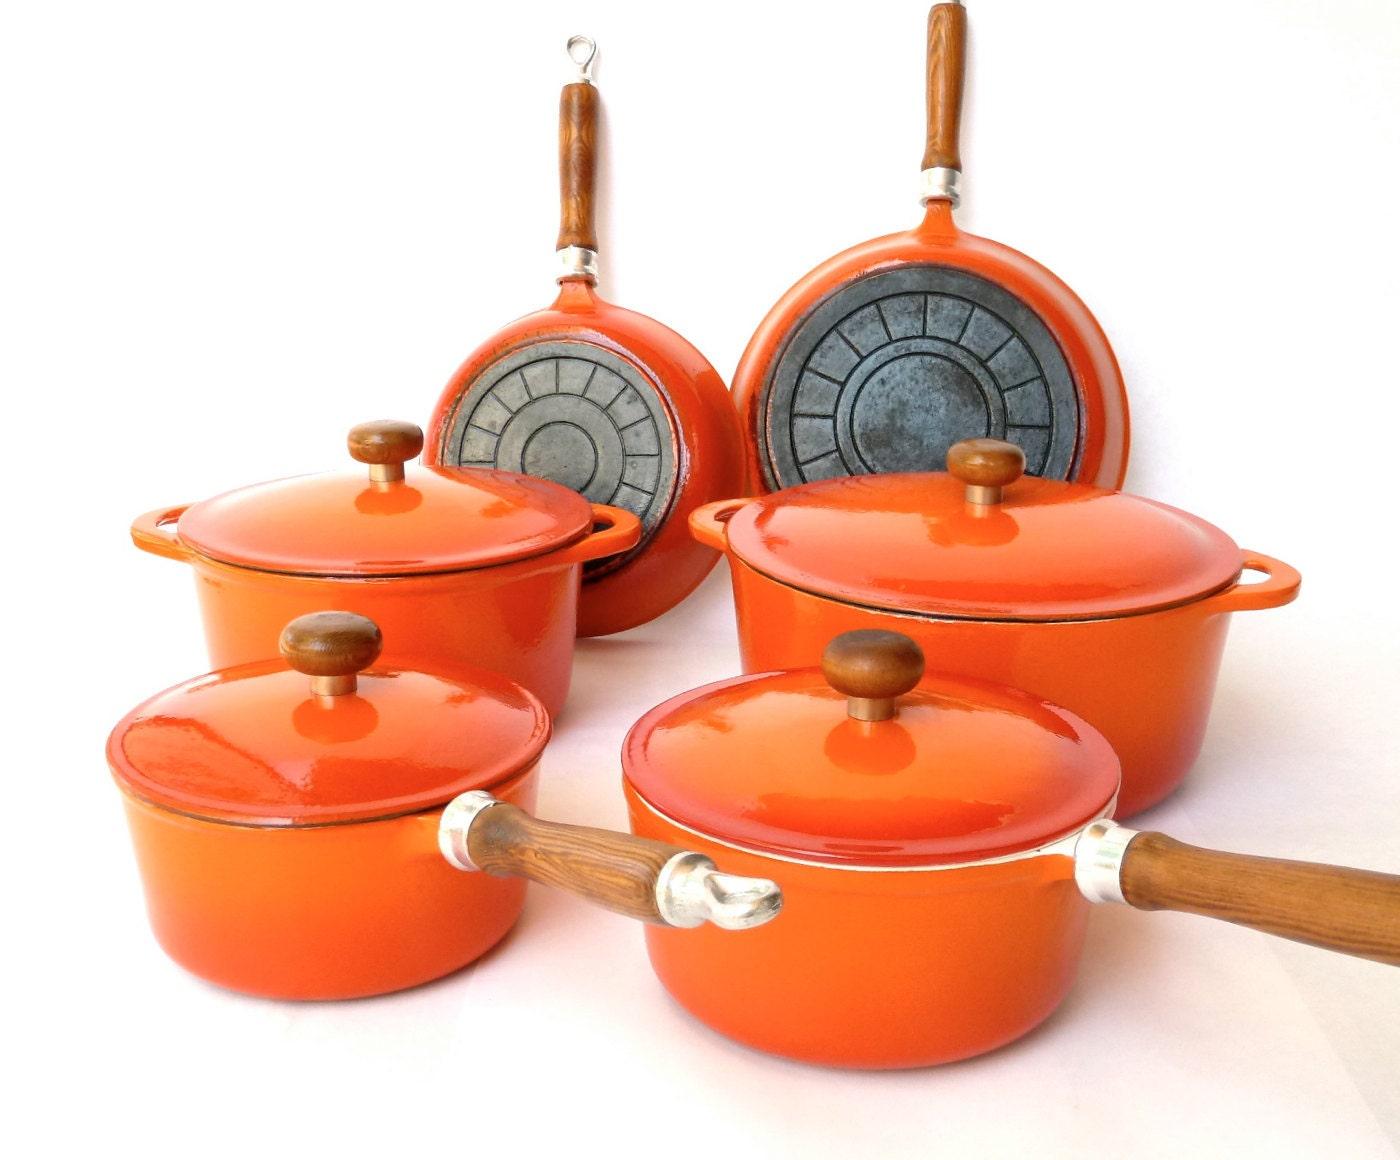 vintage enamel cast iron cookware 10 by modloungevintage. Black Bedroom Furniture Sets. Home Design Ideas